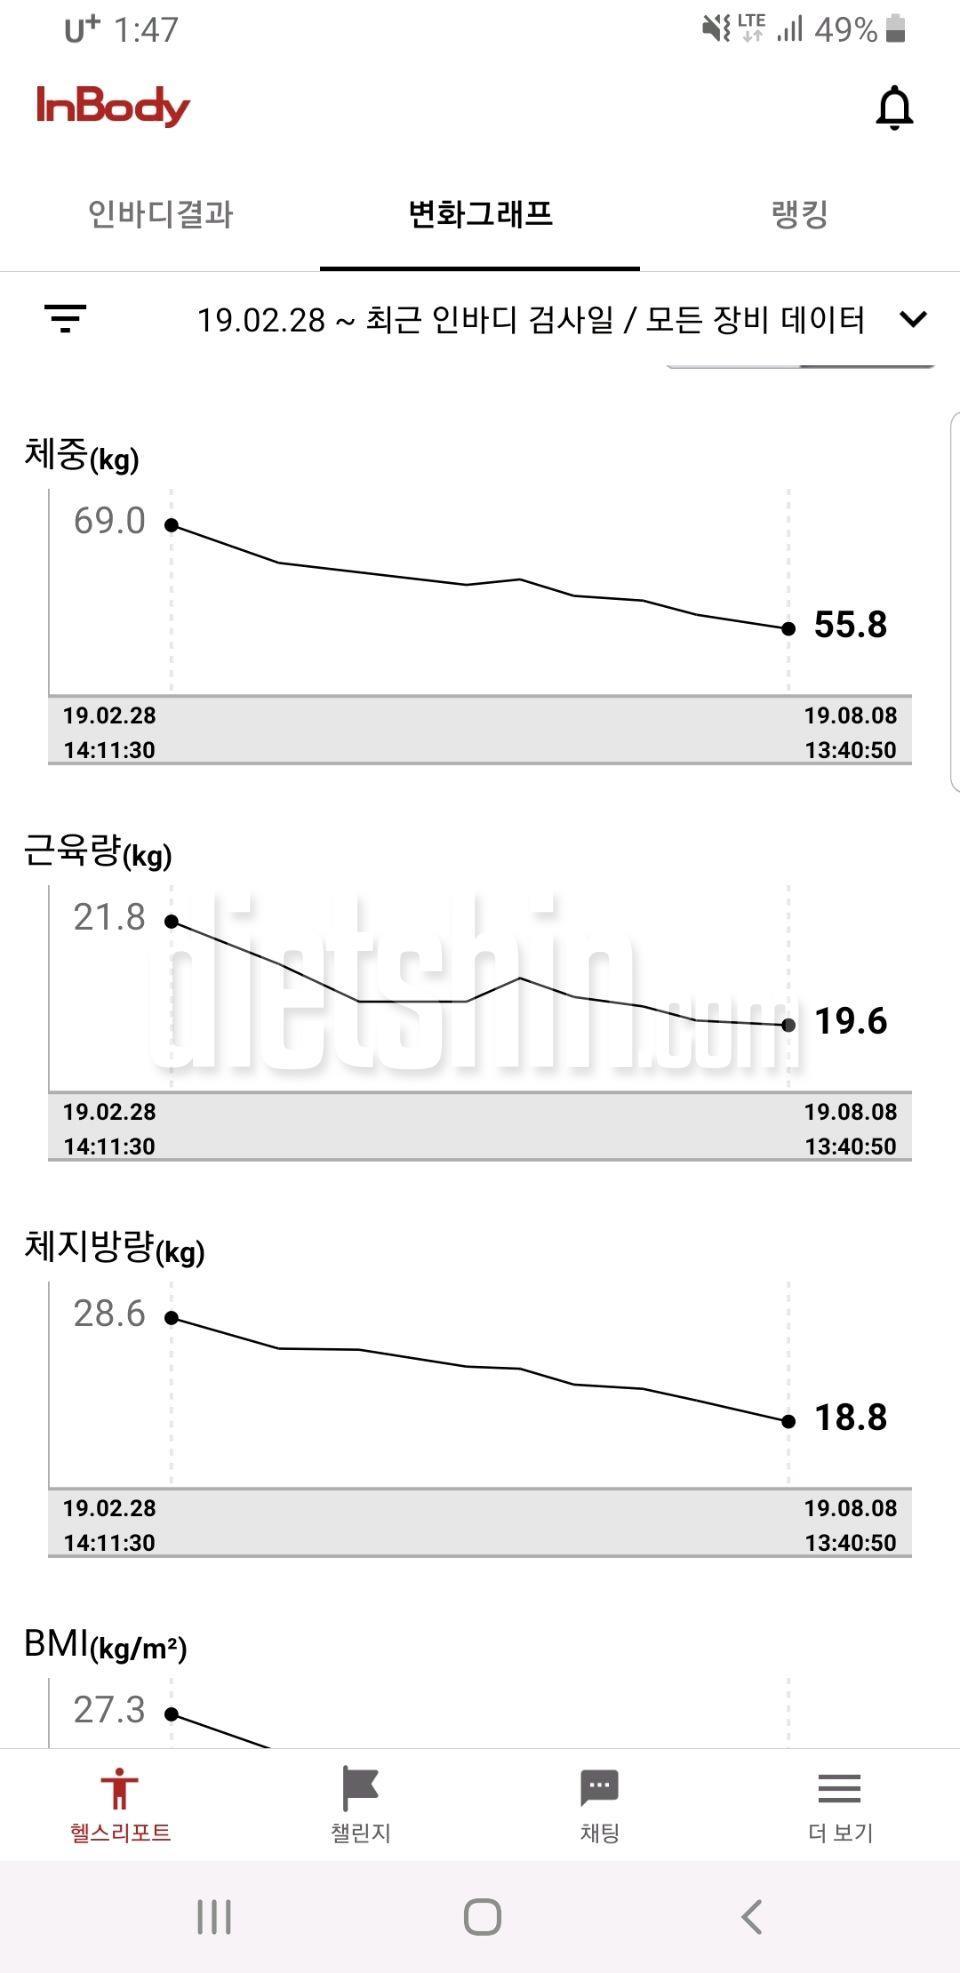 5개월 다이어트(키 160. 체중 69.8-&gt\;55.0)